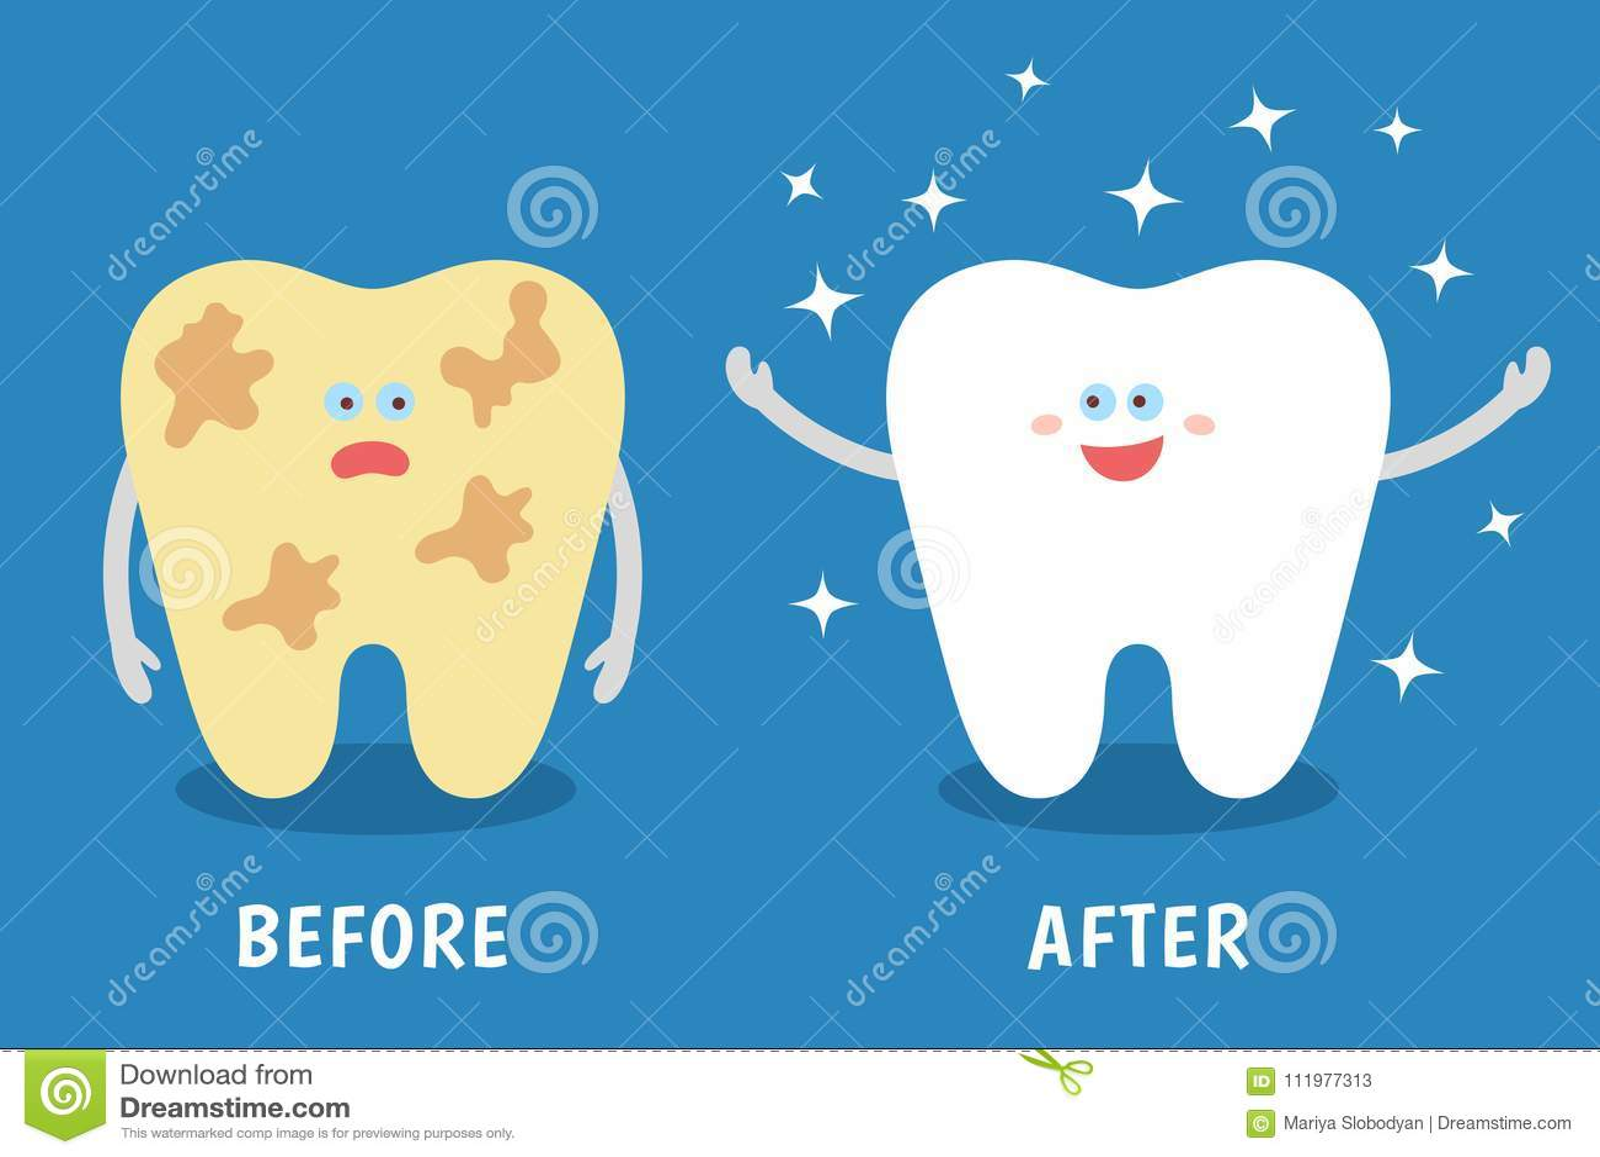 Kreskówka ząb przed i po cleaning, dobieranie lub stomatologiczne procedury